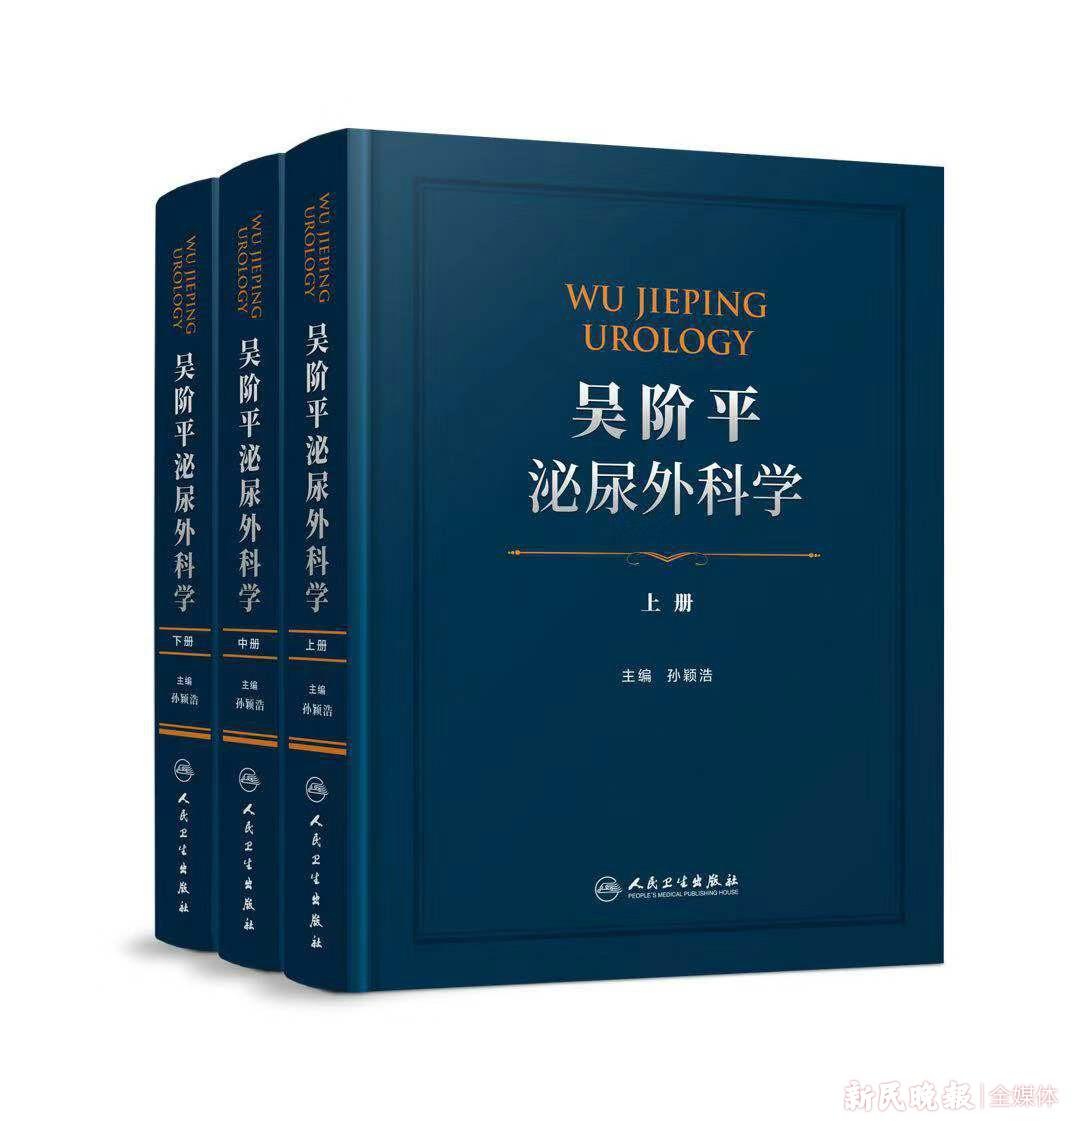 600余万字,2000余张插图,3000余页 再版《吴阶平泌尿外科学》正式发售